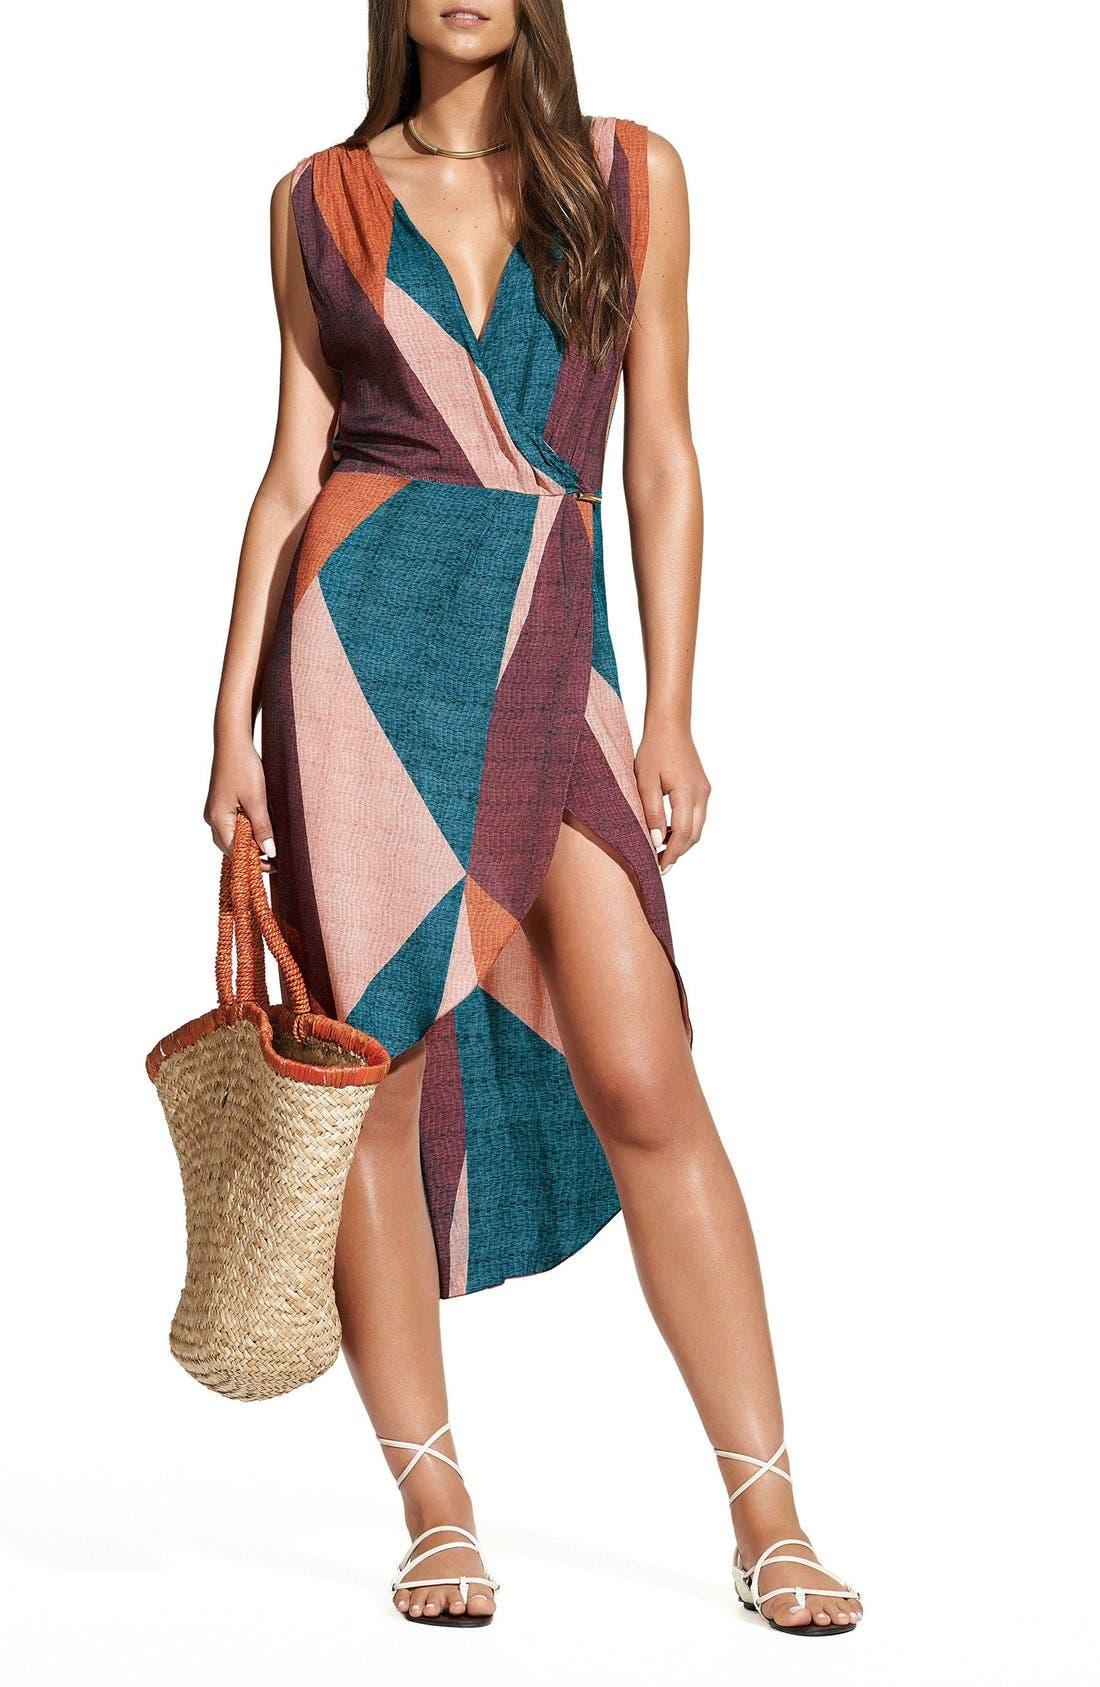 Alternate Image 1 Selected - ViX Swimwear Ananda Gisele Colorblock Caftan